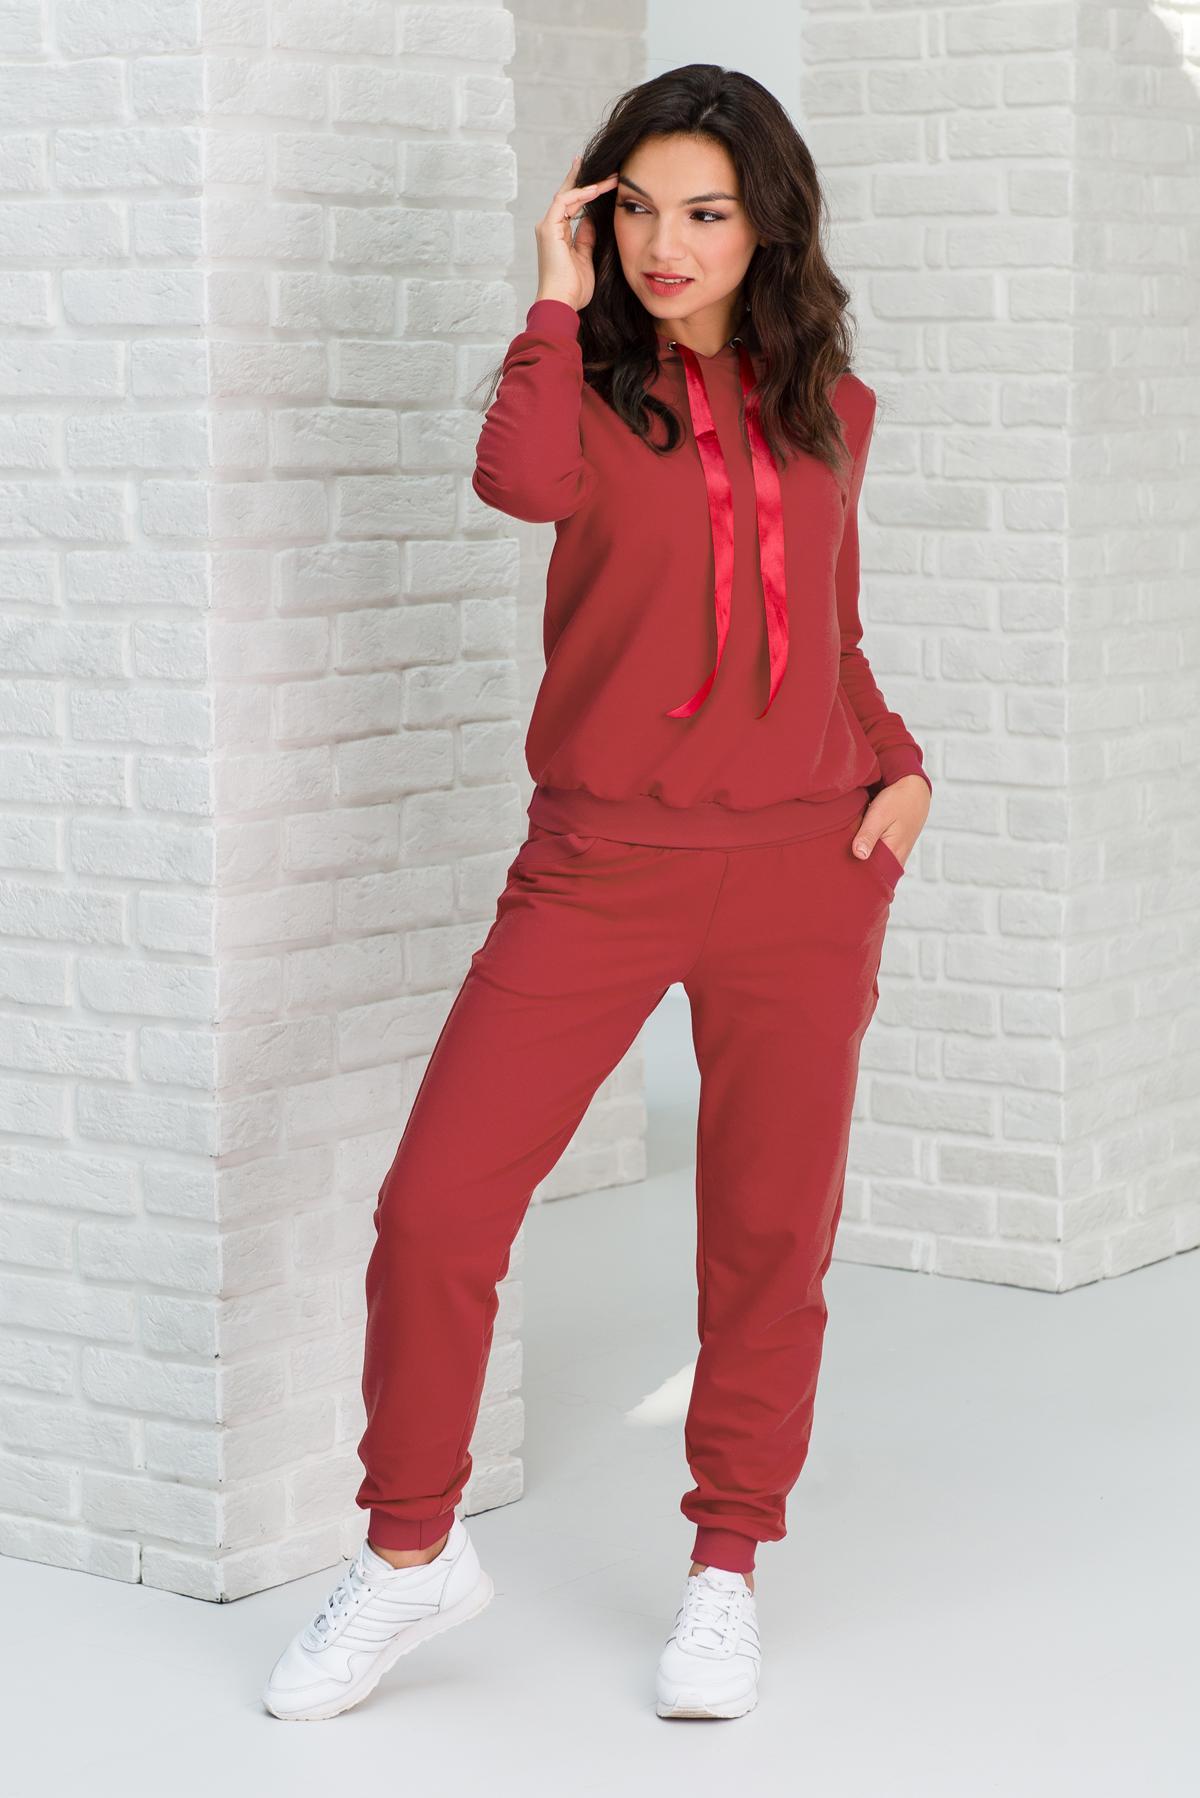 Жен. костюм арт. 19-0343 Амарант р. 42 Шарлиз